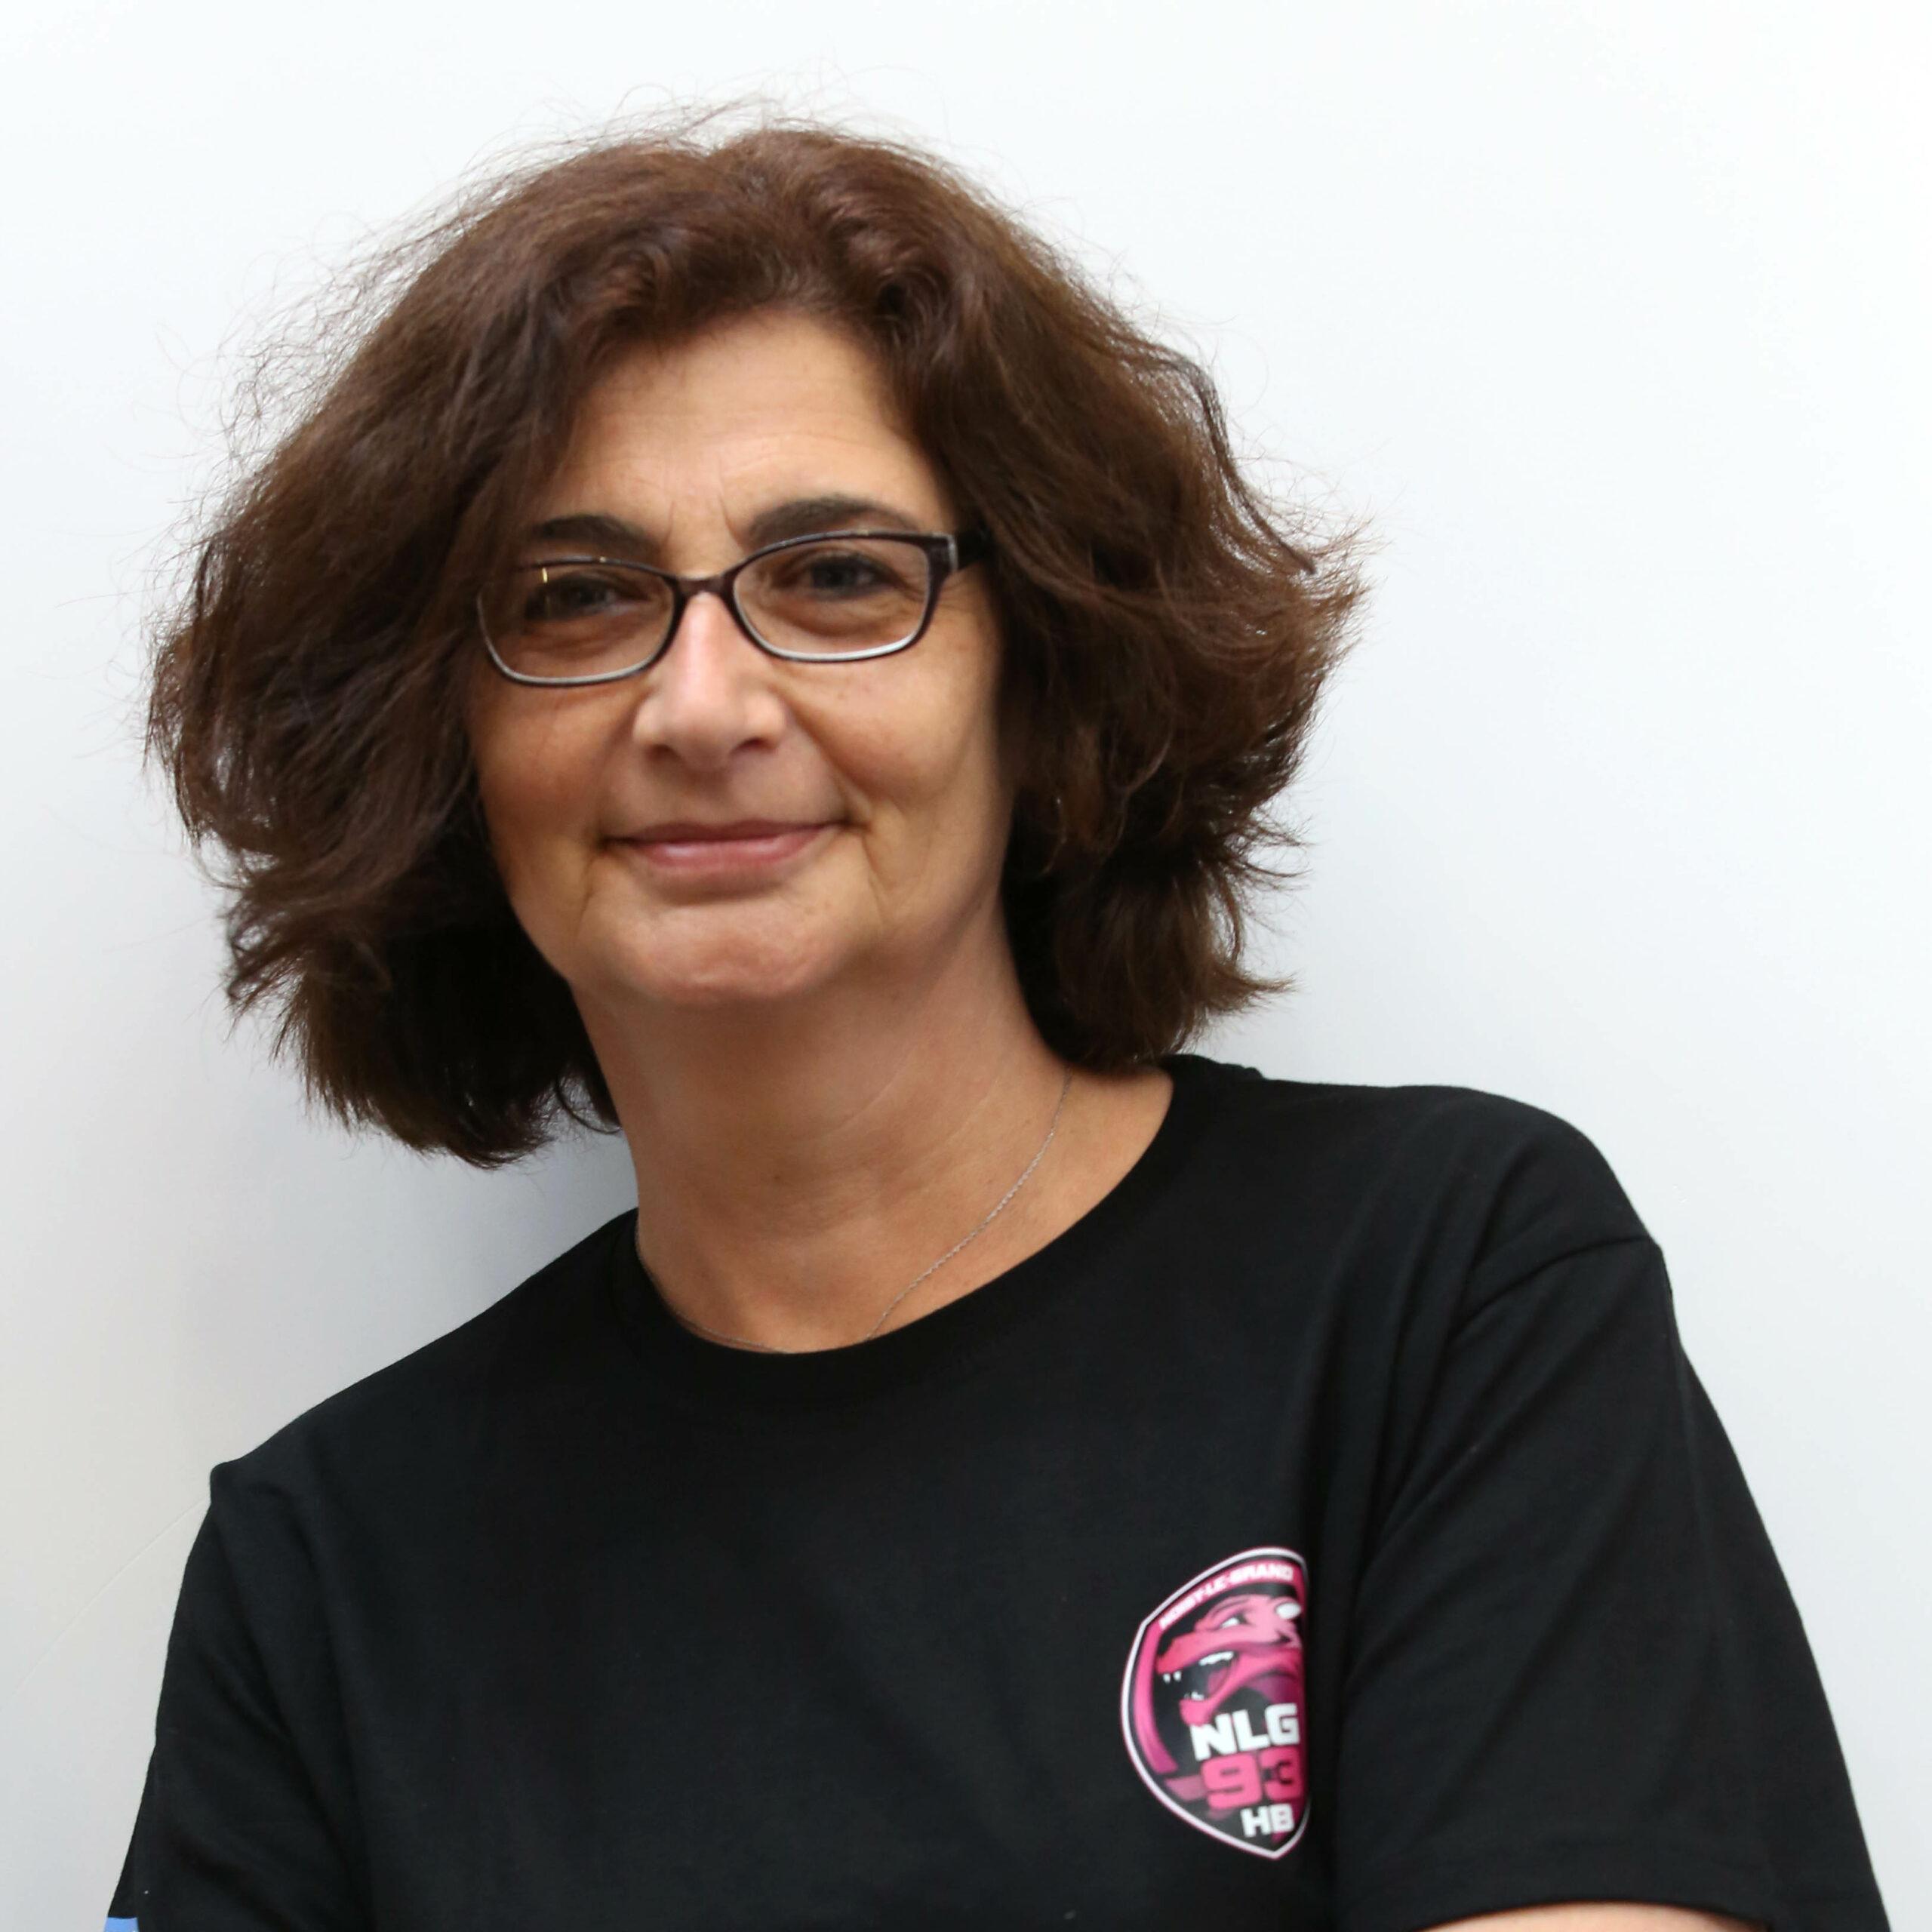 Nathalie Vivo